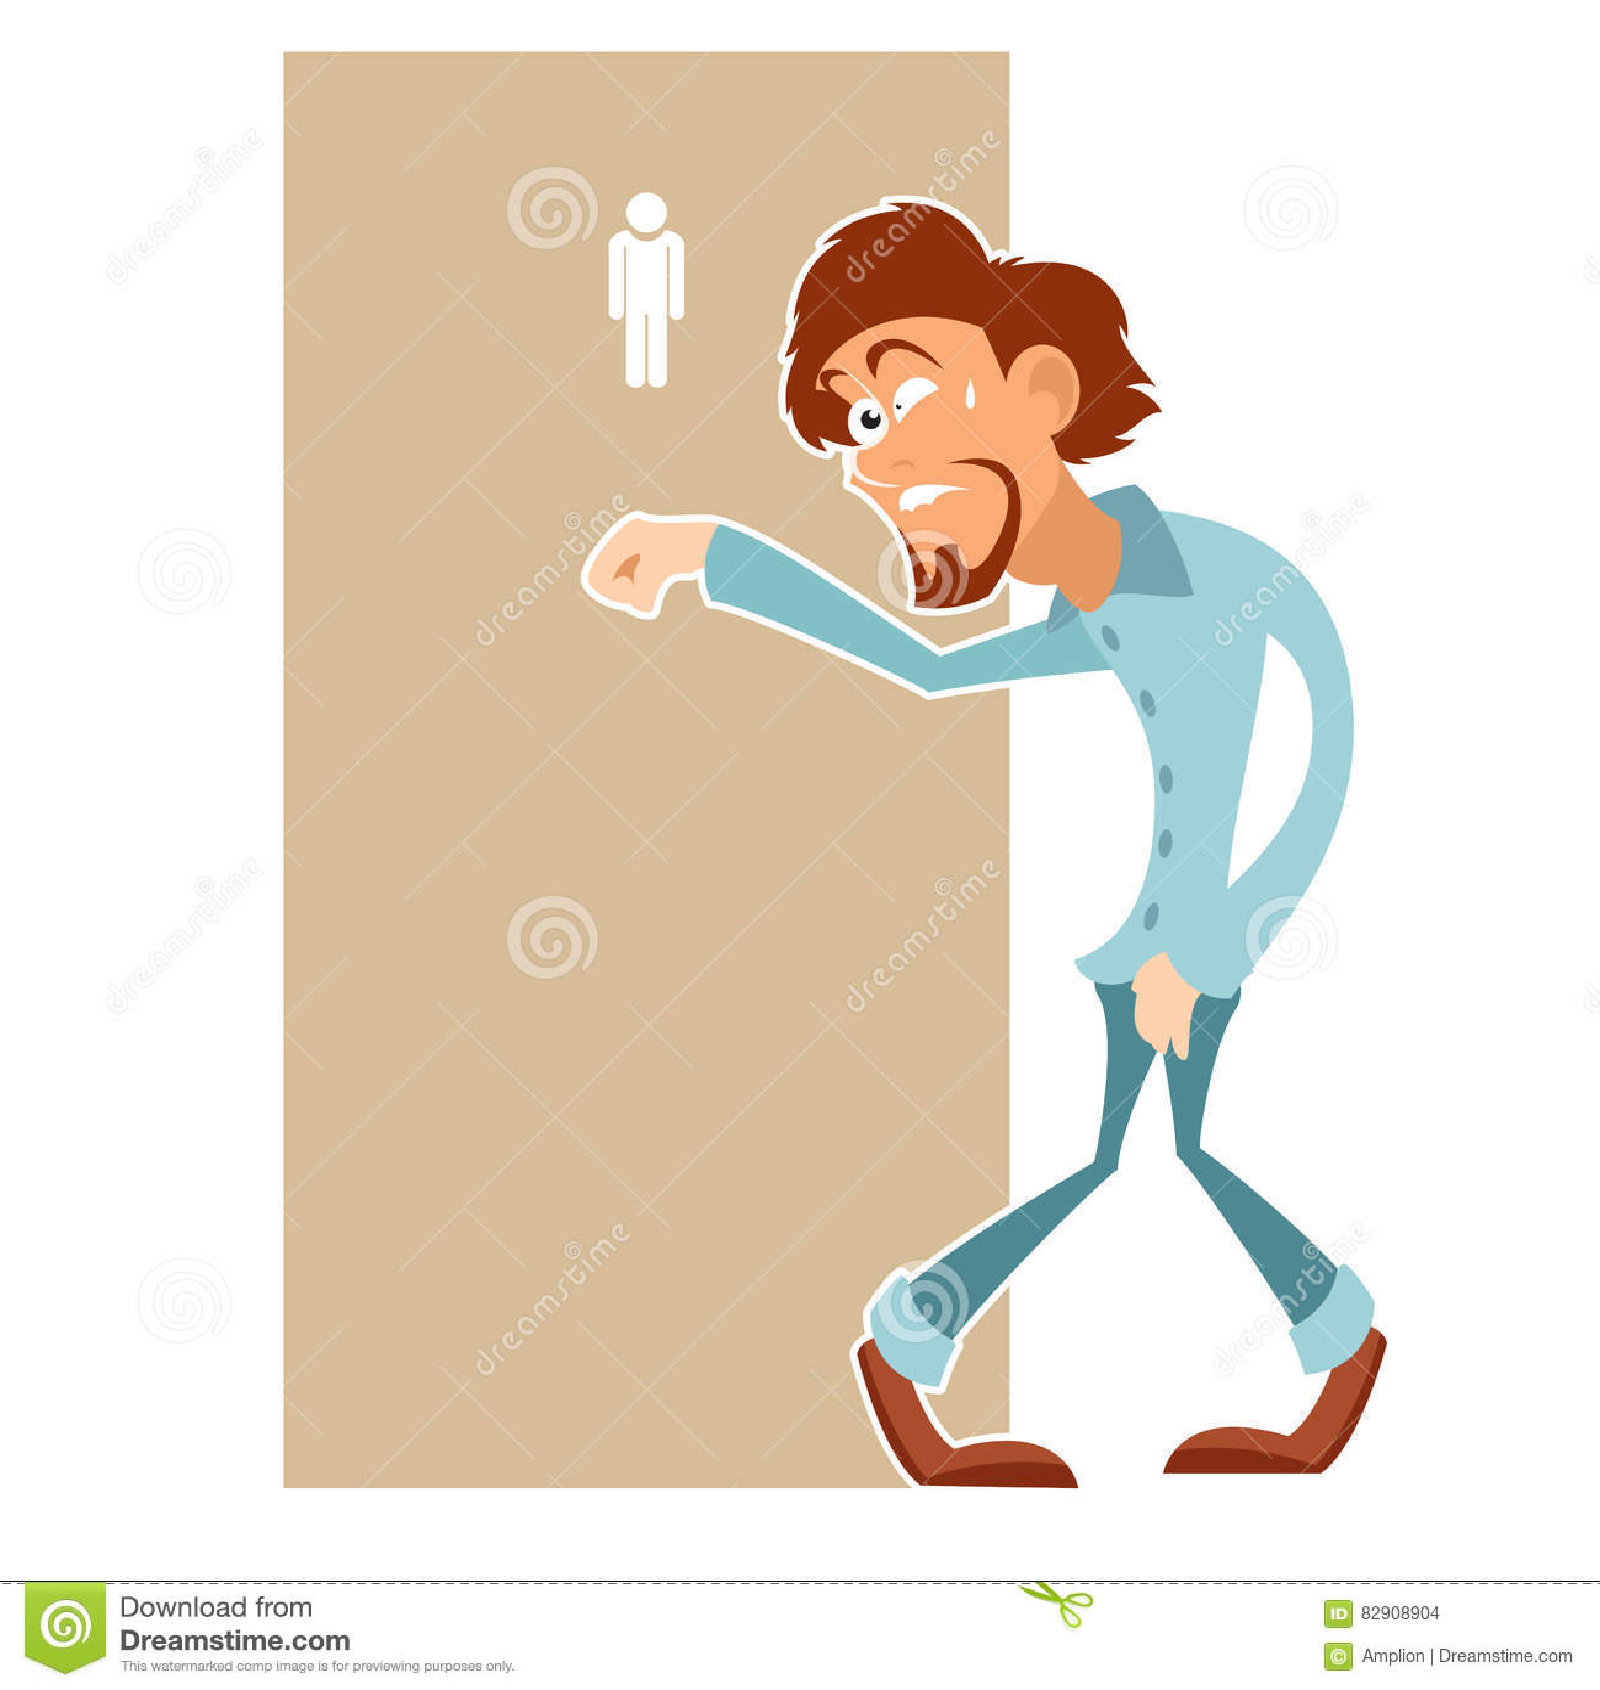 Mann Muss Wirklich Die Toilette Besuchen Vektor Abbildung